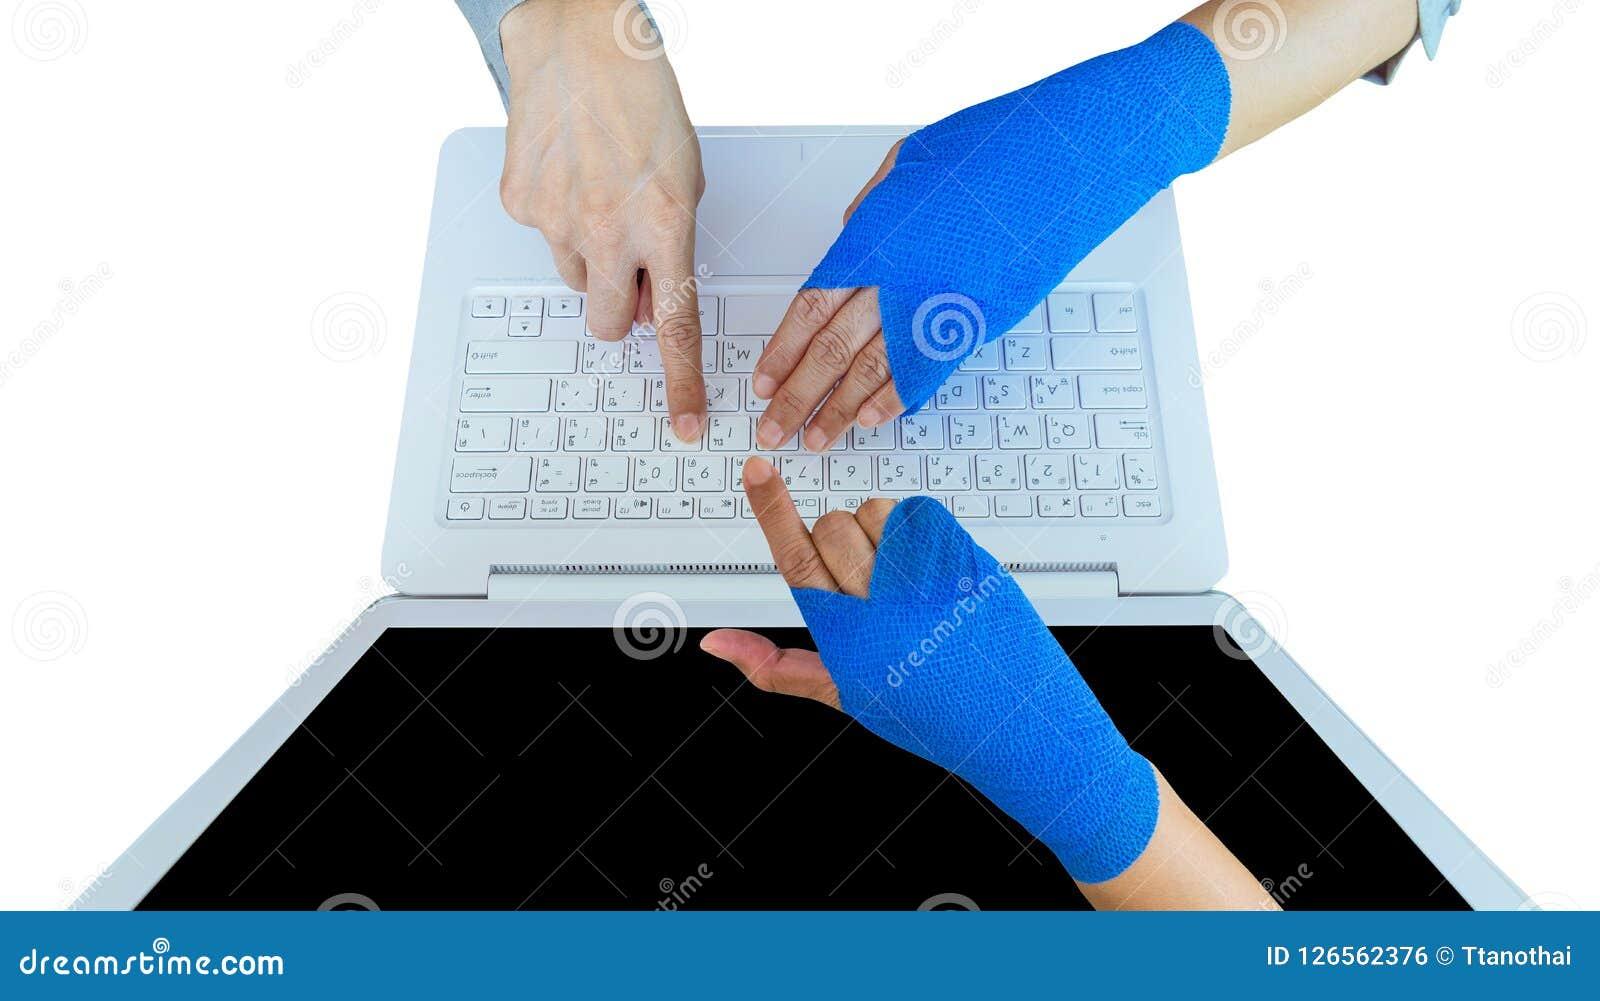 Lesión de trabajo  dolor herido de la mano de la mujer con el vendaje elástico azul o